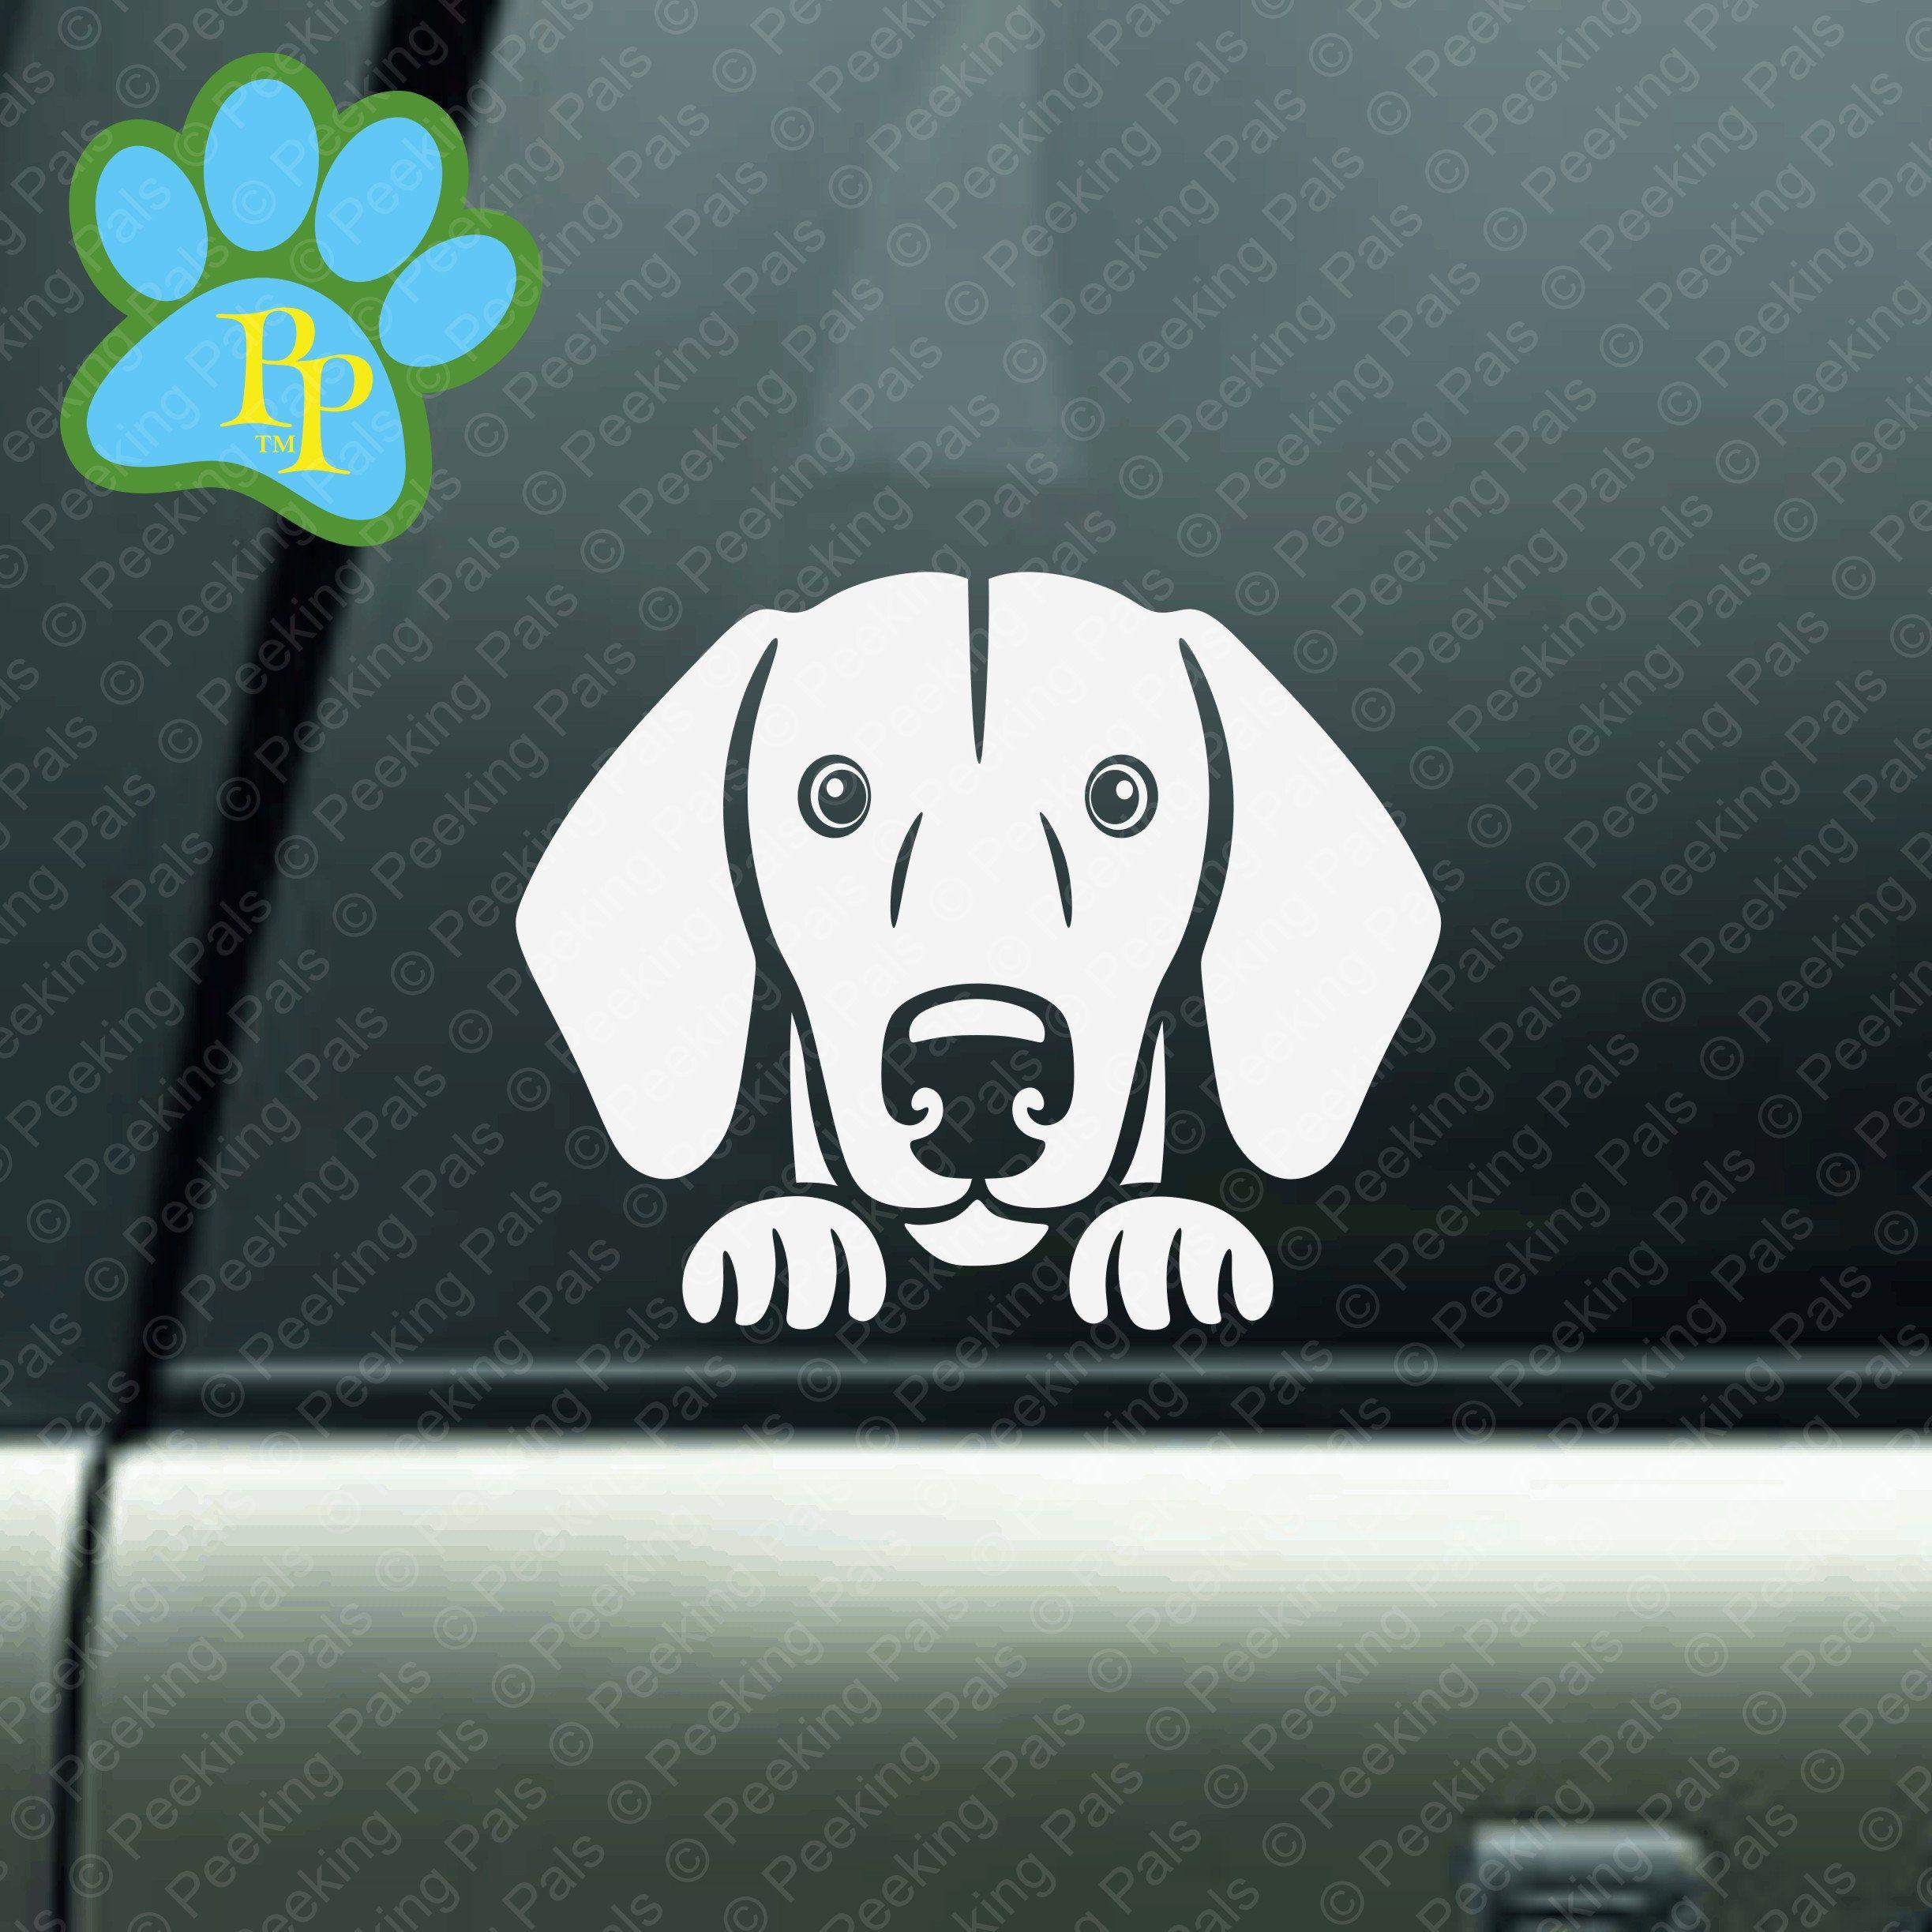 Dachshund Dog Decal Peeking Dachshund Dog Decal For Cars Etsy Dog Decals Dachshund Dog Dog Gifts [ 2447 x 2447 Pixel ]